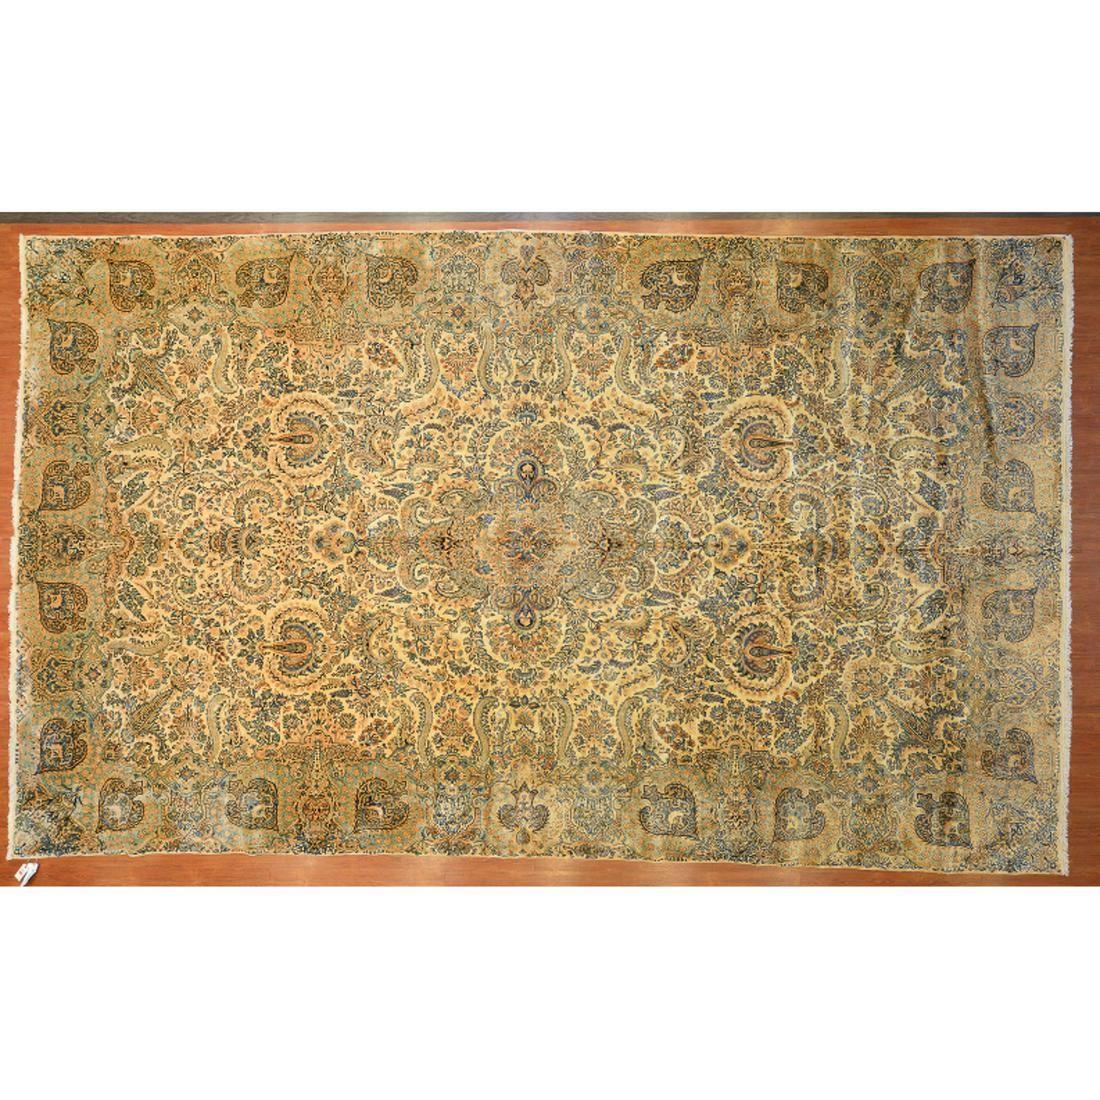 Semi-Ant Lavar Kerman Carpet, Persia, 10.8 x 17.11